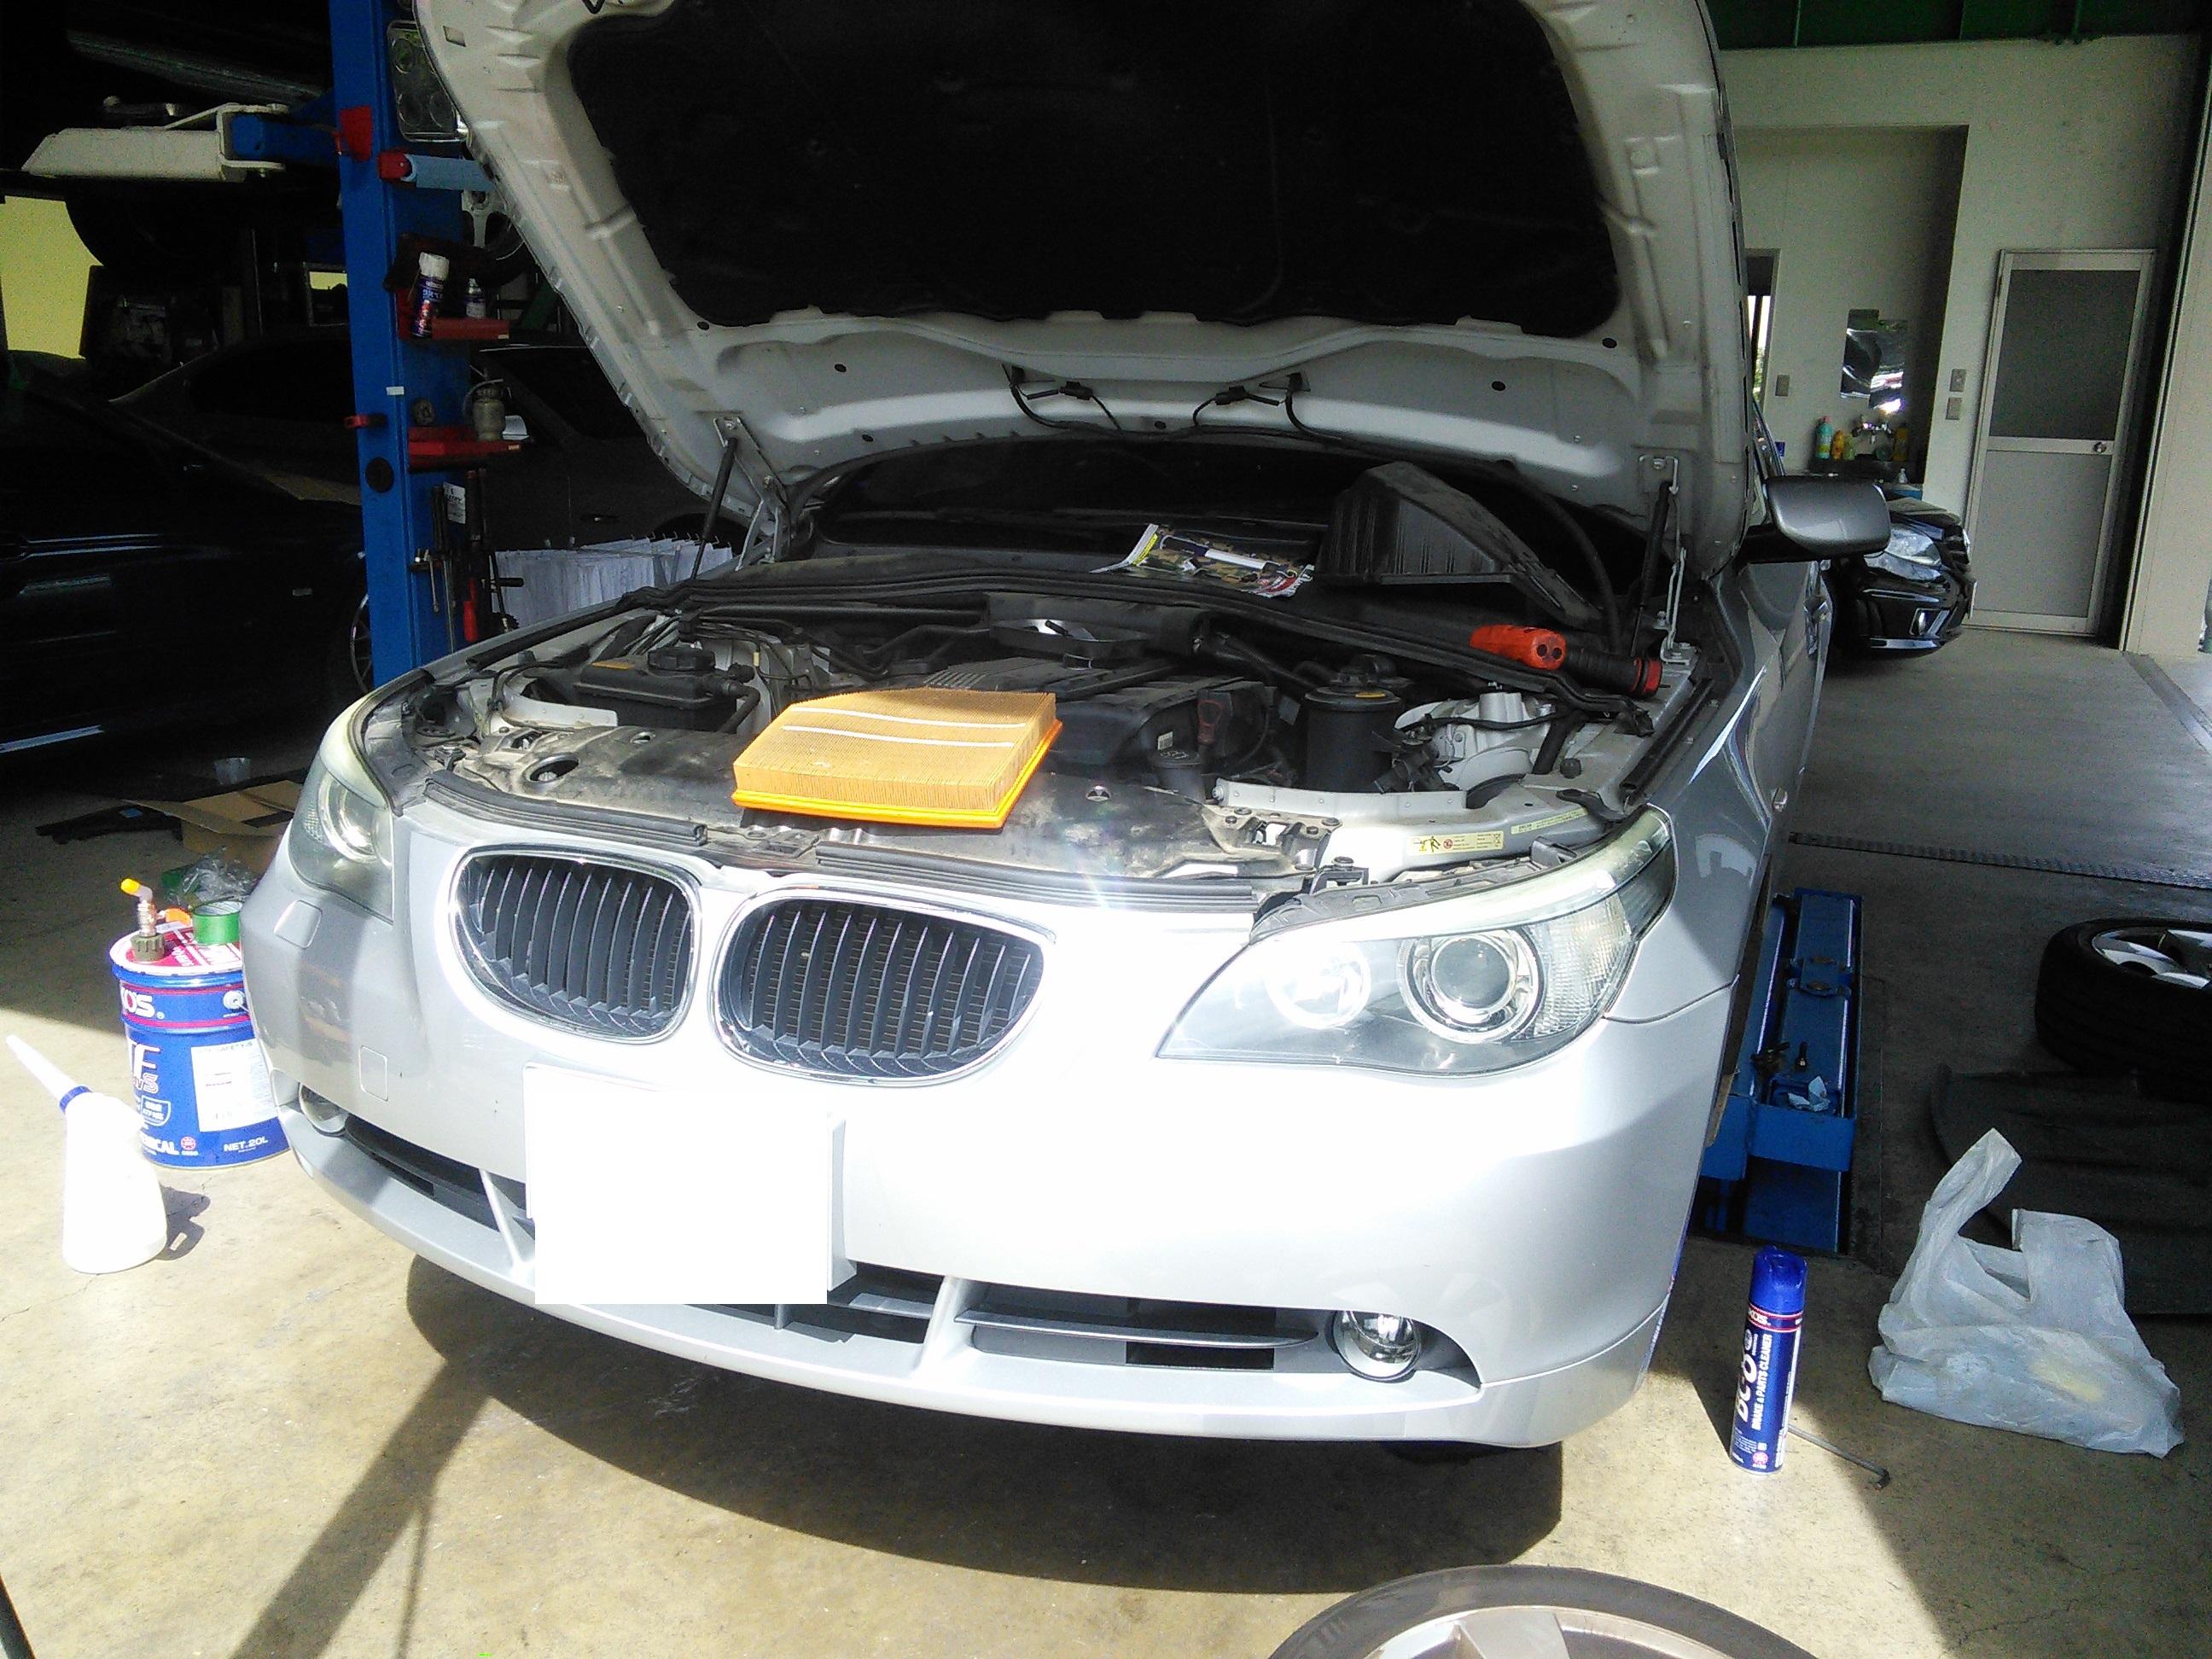 BMW E60 車検整備 ATオイル交換など